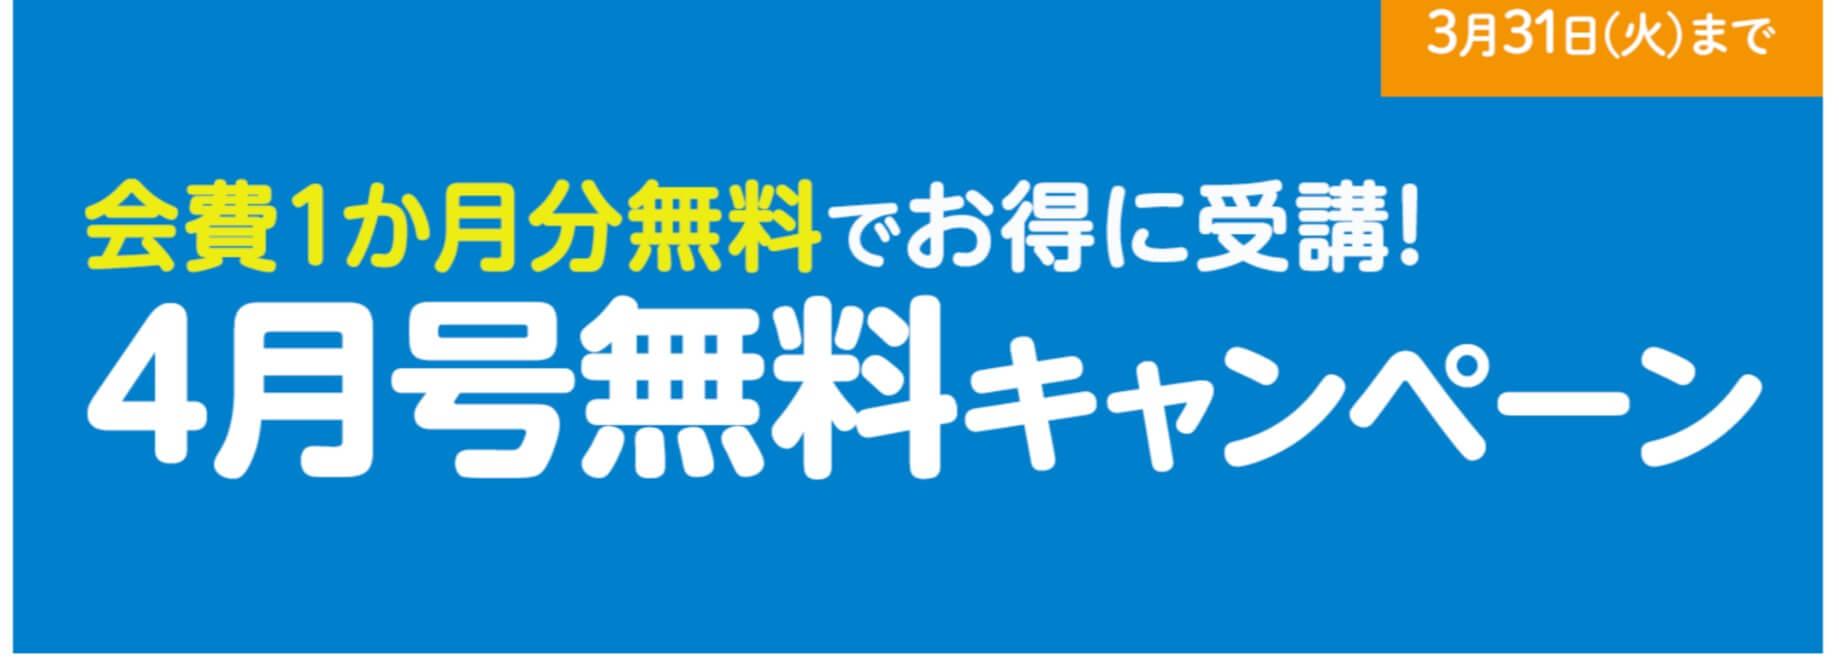 まなびwith 幼児コース 入会キャンペーン 通信教育 2020年4月